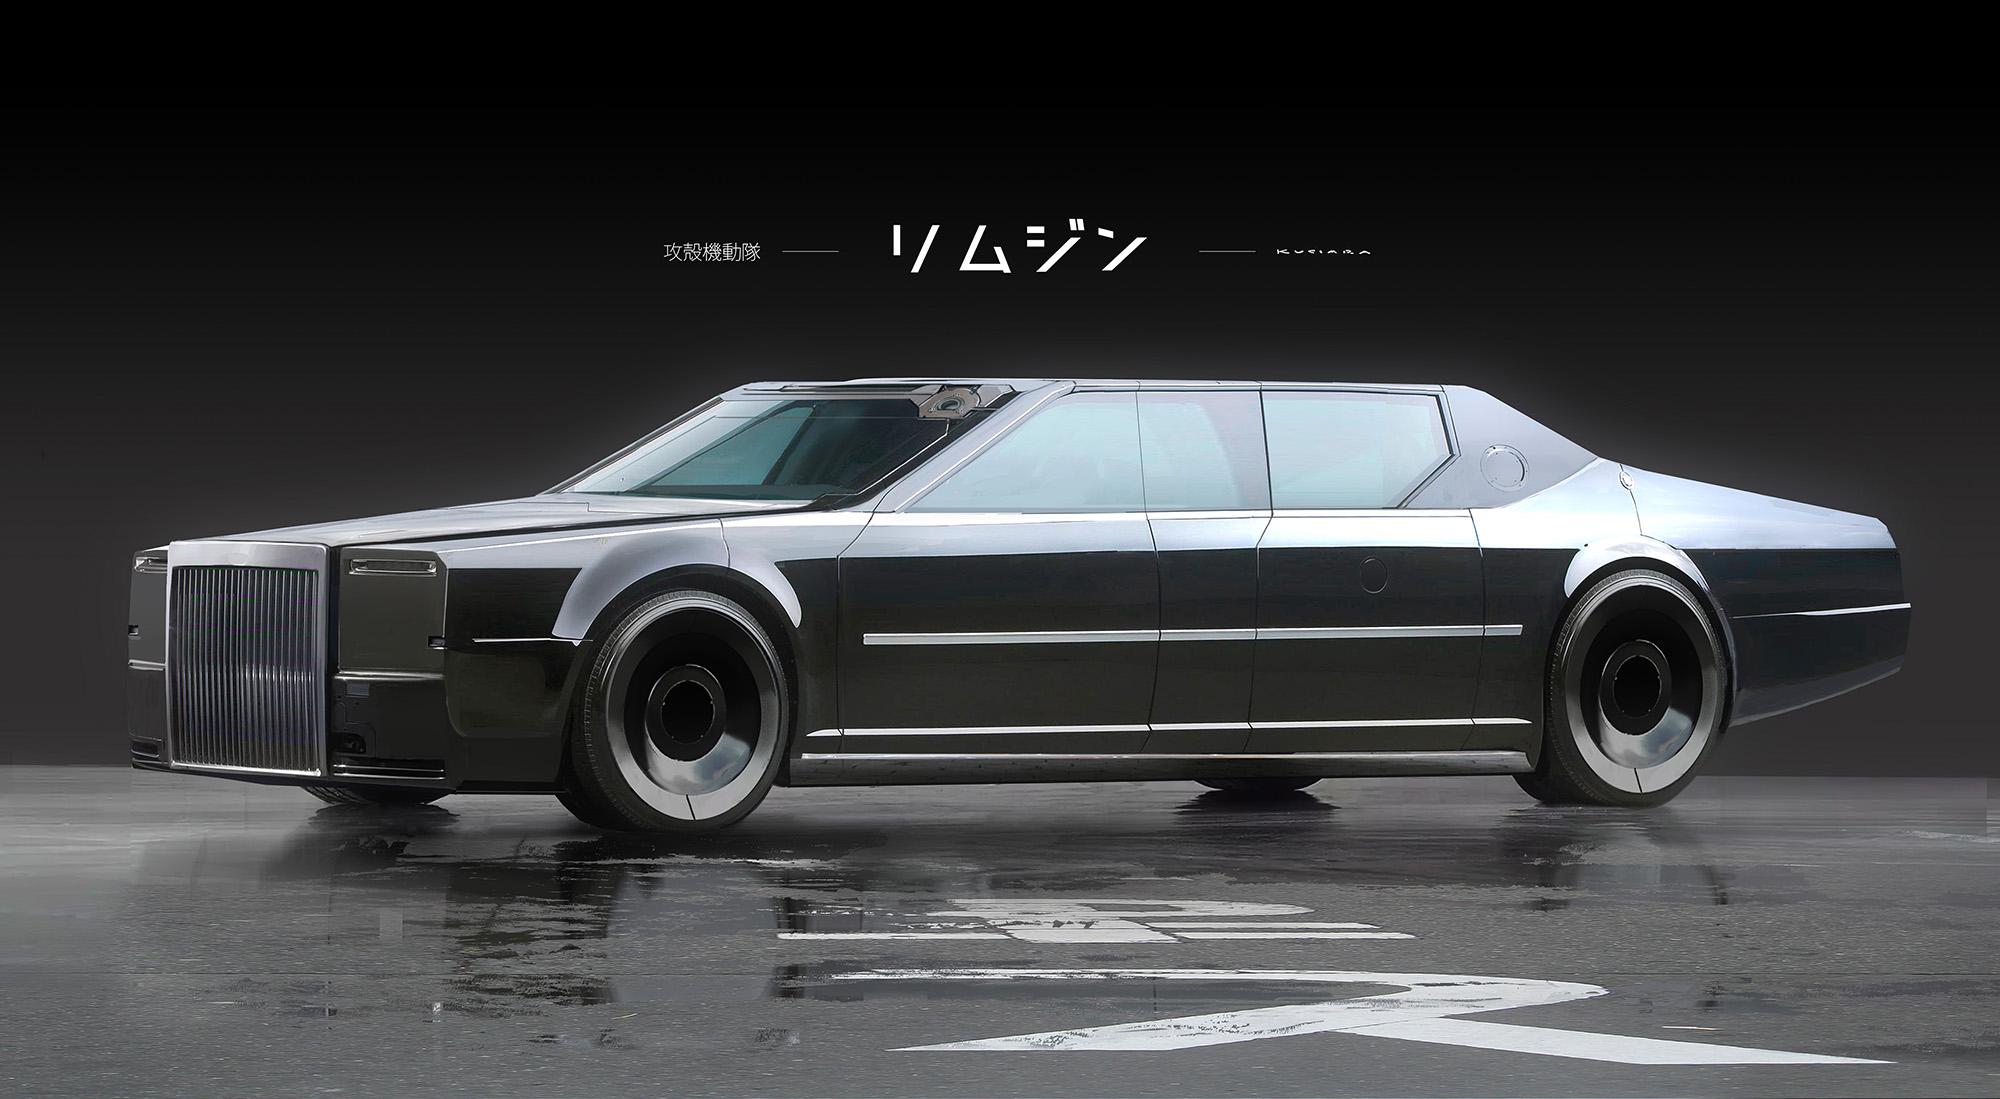 GITS_VEH_Limousine_MK_070615_v02.jpg